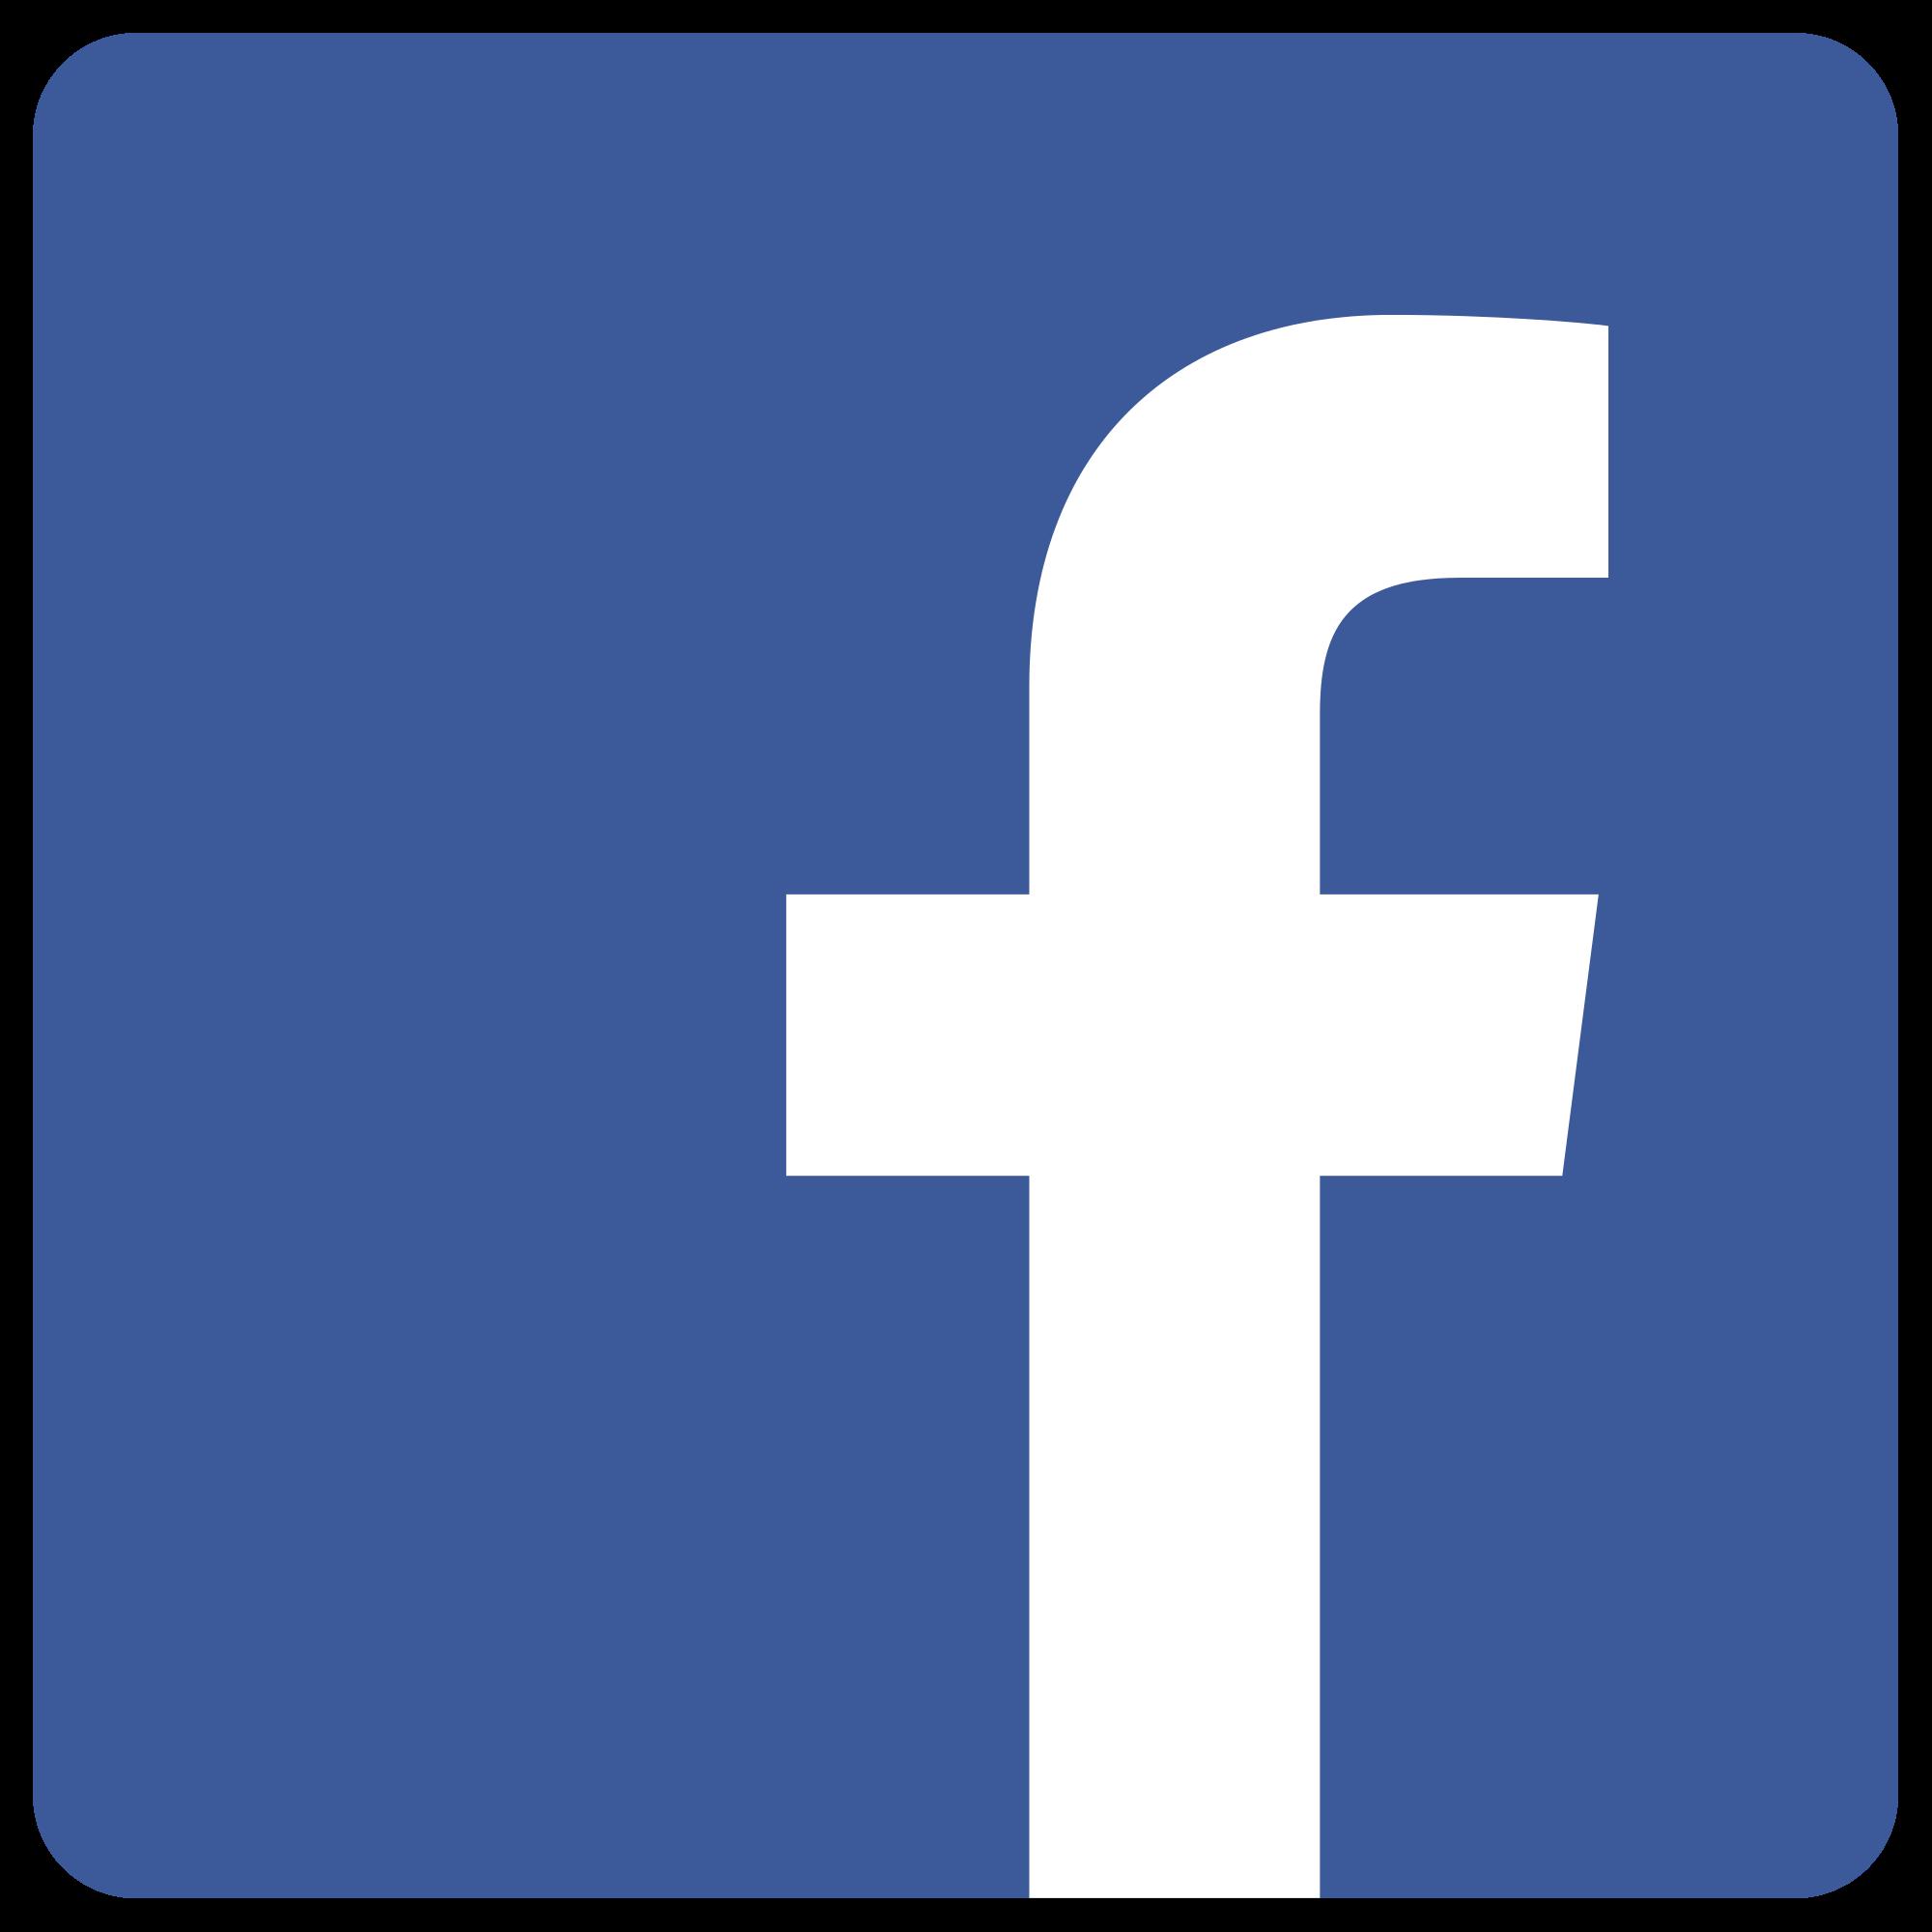 facebookicon.png